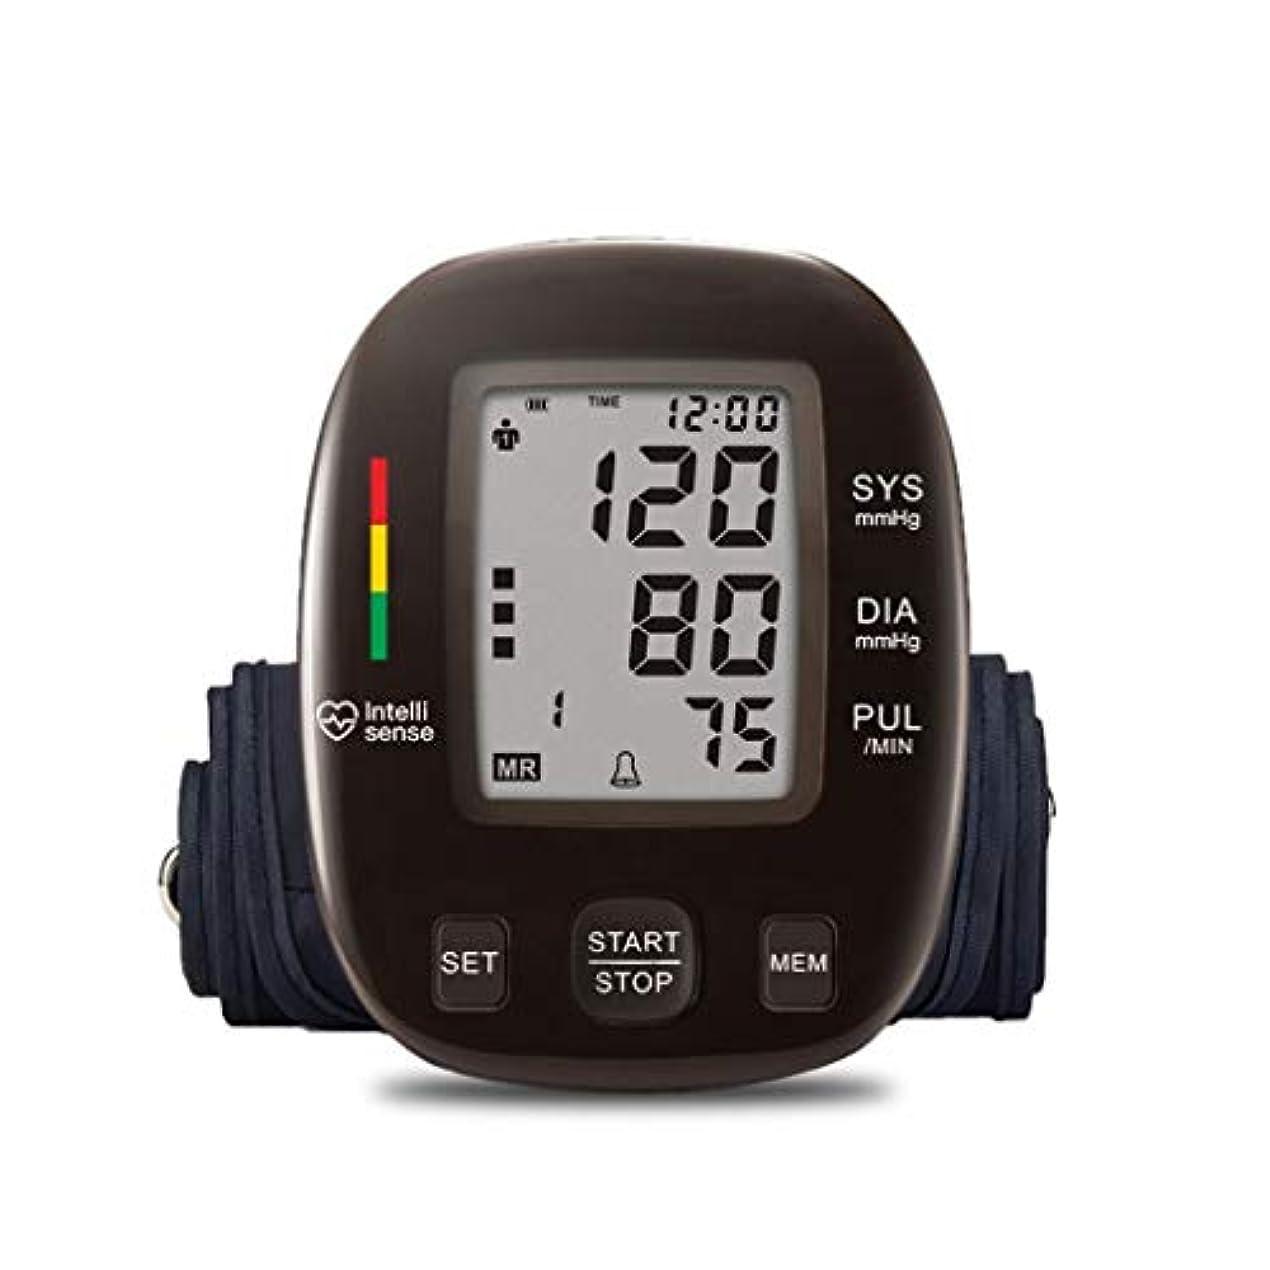 地区責めカブオシロメトリック法のアッパーアームデジタルLCDディスプレイ自動測定用血圧計